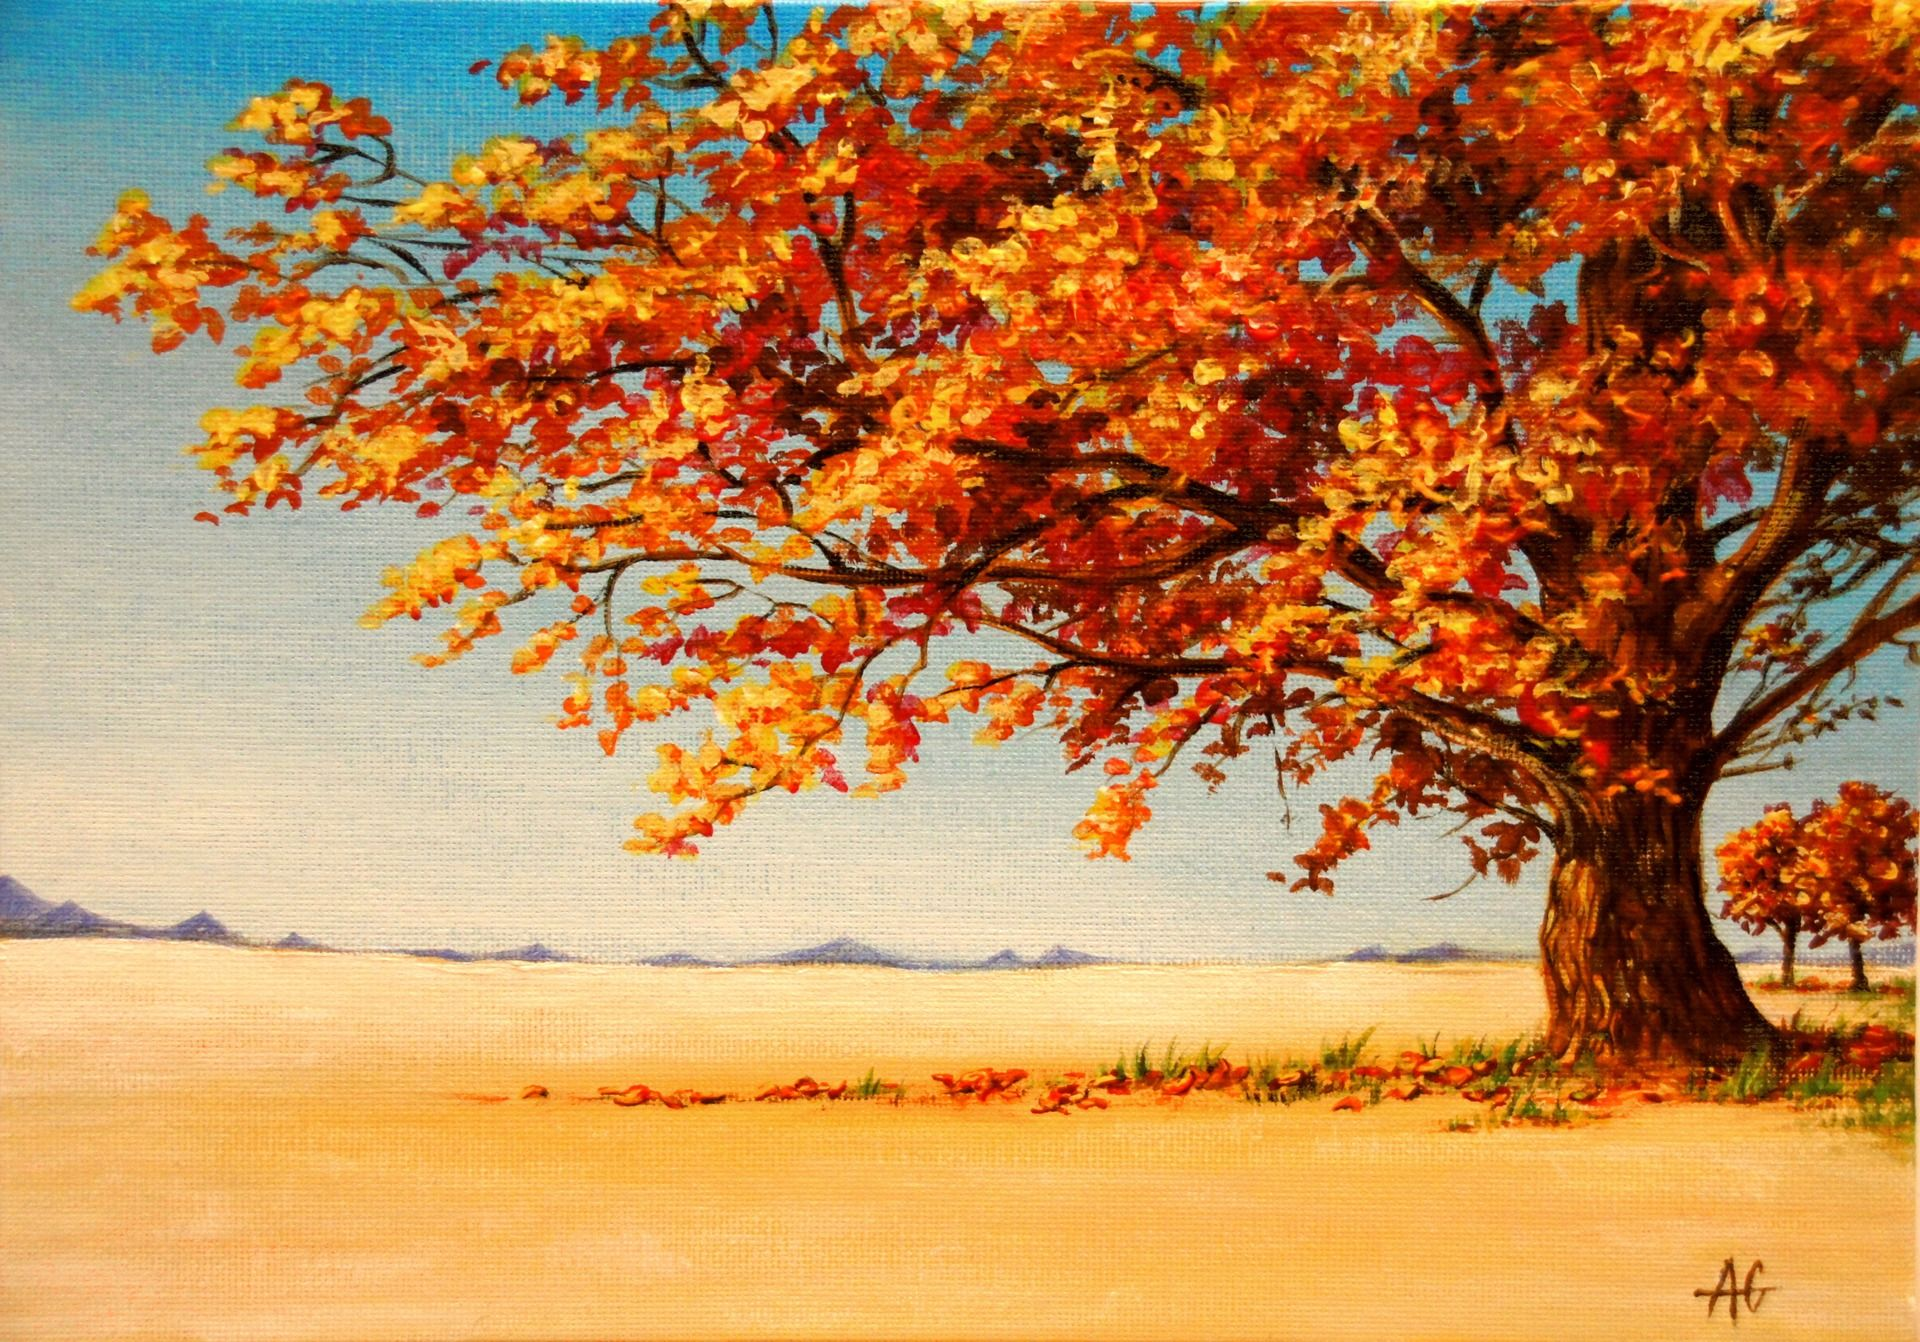 Arbre en automne au coeur d 39 une plaine peintures par anagruz peinture acrylique pinterest - Arbre automne dessin ...